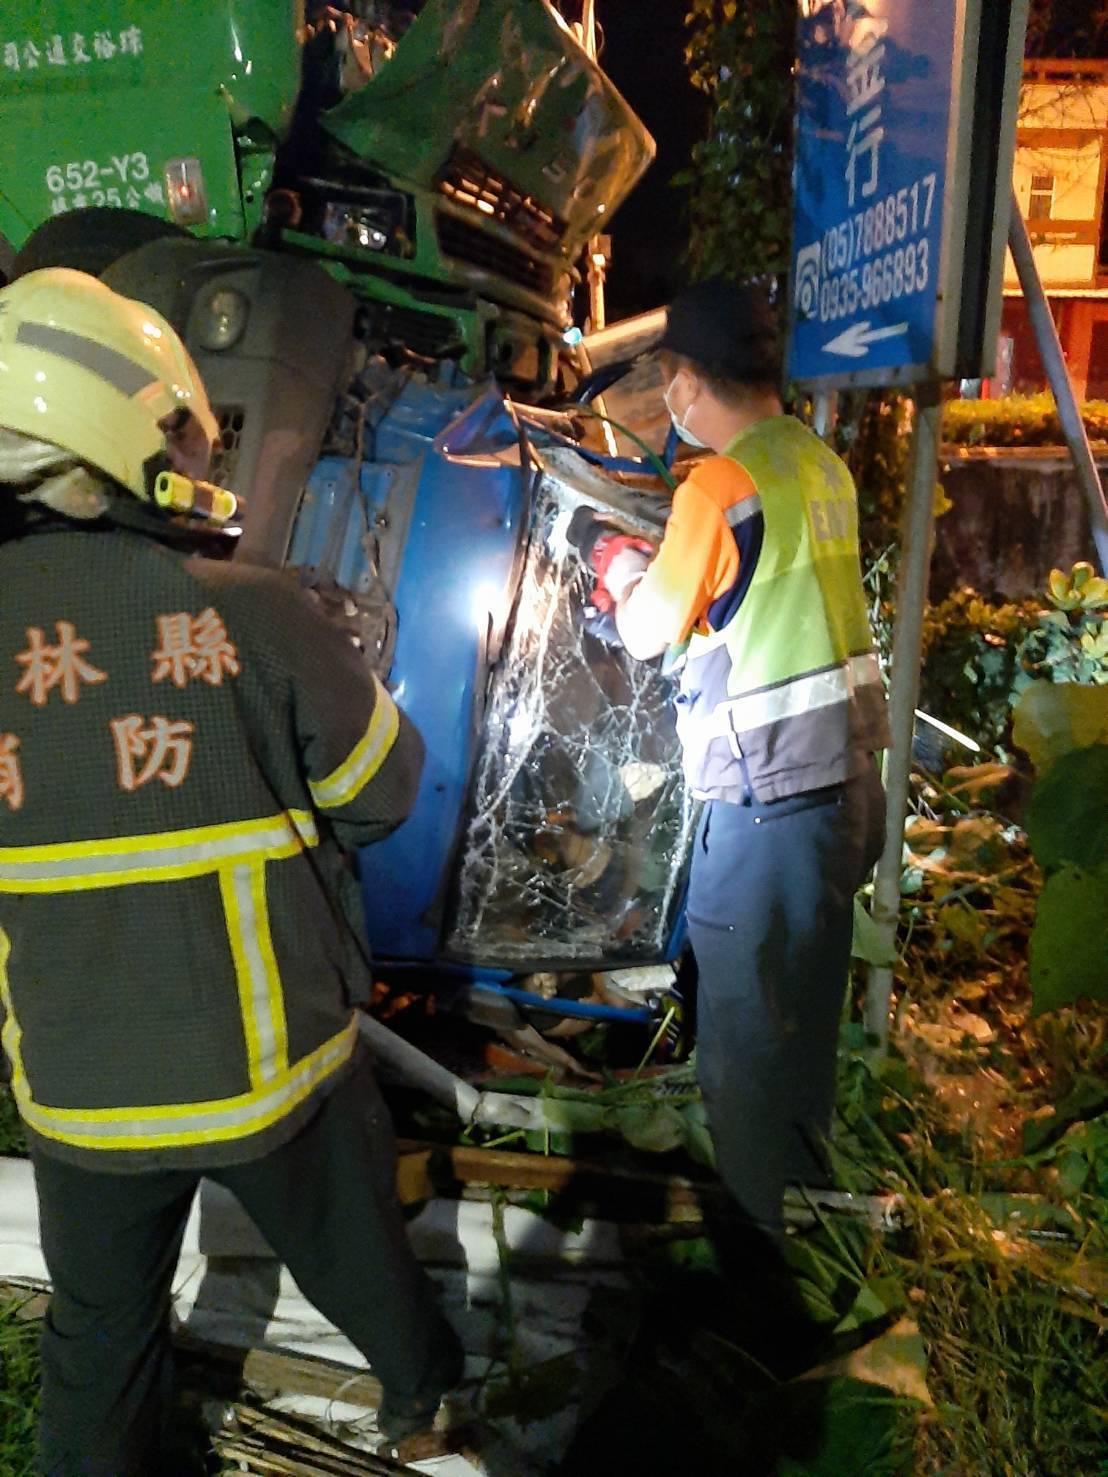 警消人員用破壞器材將受困者救出。記者李京昇/翻攝